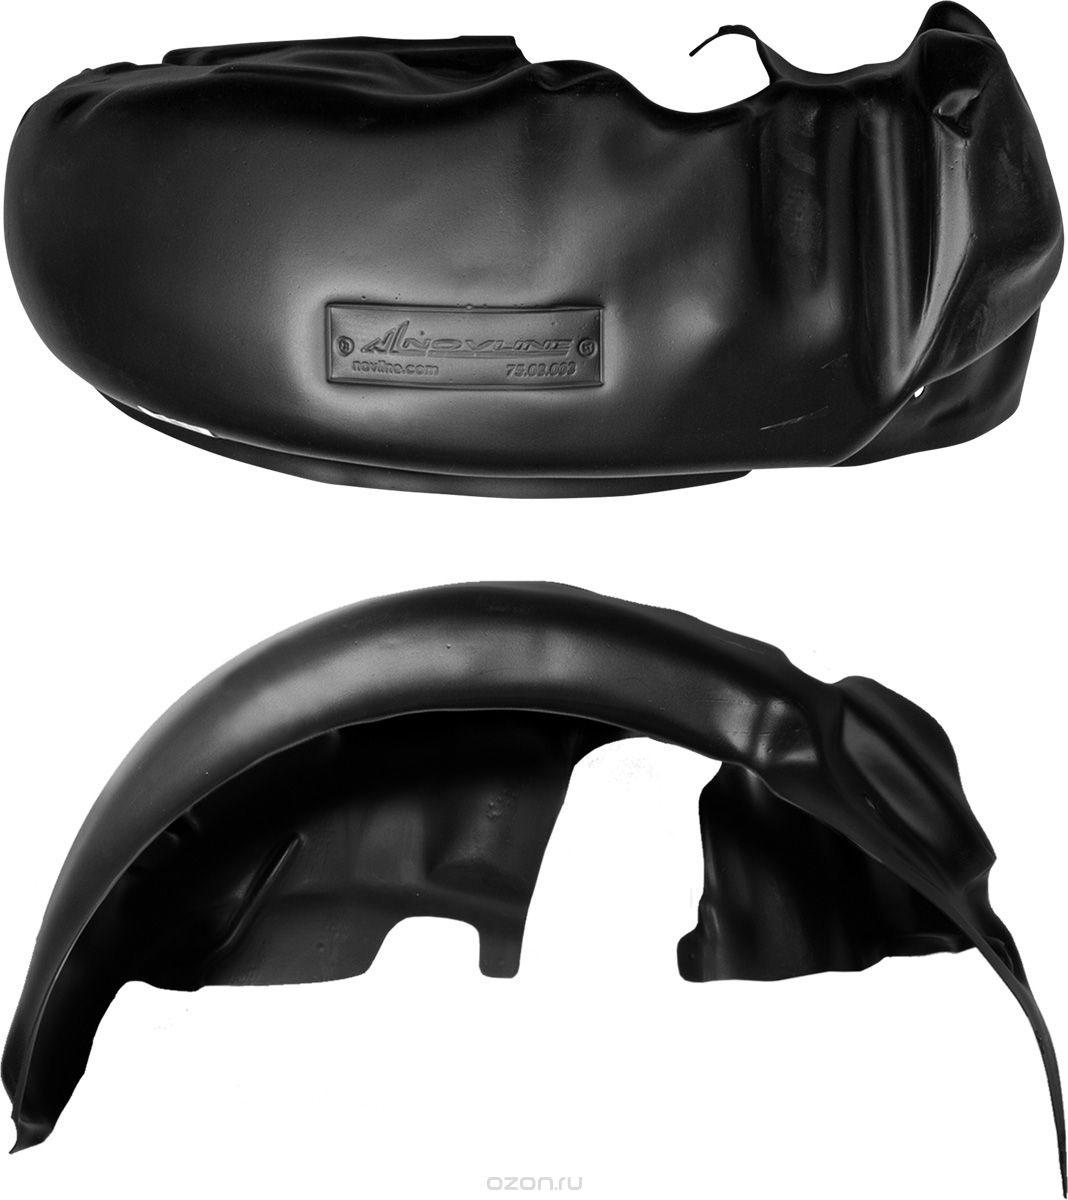 Подкрылок Novline-Autofamily, для TOYOTA Hilux, 09/2015->, пик., передний правыйNLL.48.62.002Идеальная защита колесной ниши. Локеры разработаны с применением цифровых технологий, гарантируют максимальную повторяемость поверхности арки. Изделия устанавливаются без нарушения лакокрасочного покрытия автомобиля, каждый подкрылок комплектуется крепежом. Уважаемые клиенты, обращаем ваше внимание, что фотографии на подкрылки универсальные и не отражают реальную форму изделия. При этом само изделие идет точно под размер указанного автомобиля.